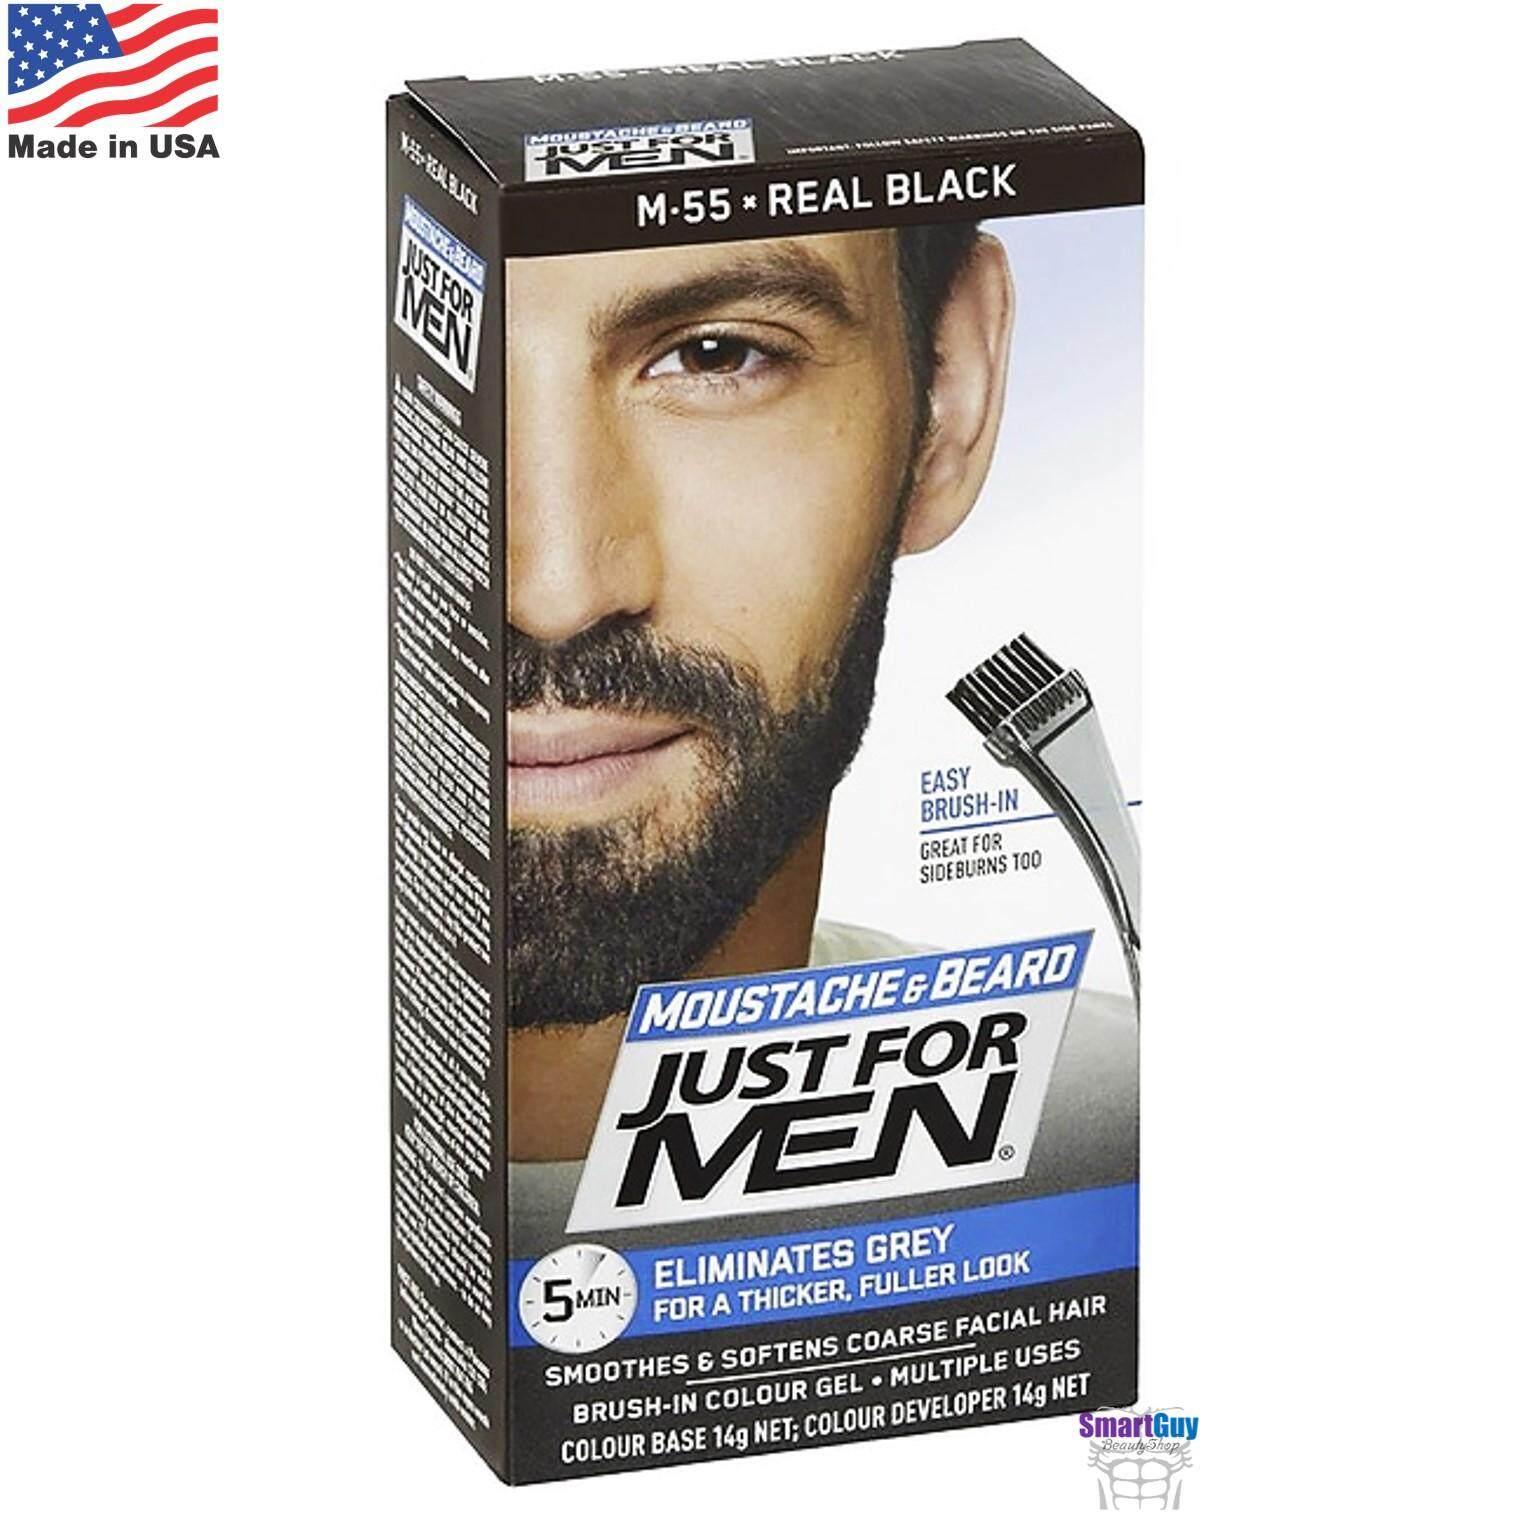 Just For Men Moustache & Beard M55 Real Black 14g. ครีมเปลี่ยนสีหนวดเคราคิ้วสำหรับผู้ชาย สินค้านำเข้าจากสหรัฐอเมริกา สีดำธรรมชาติ.